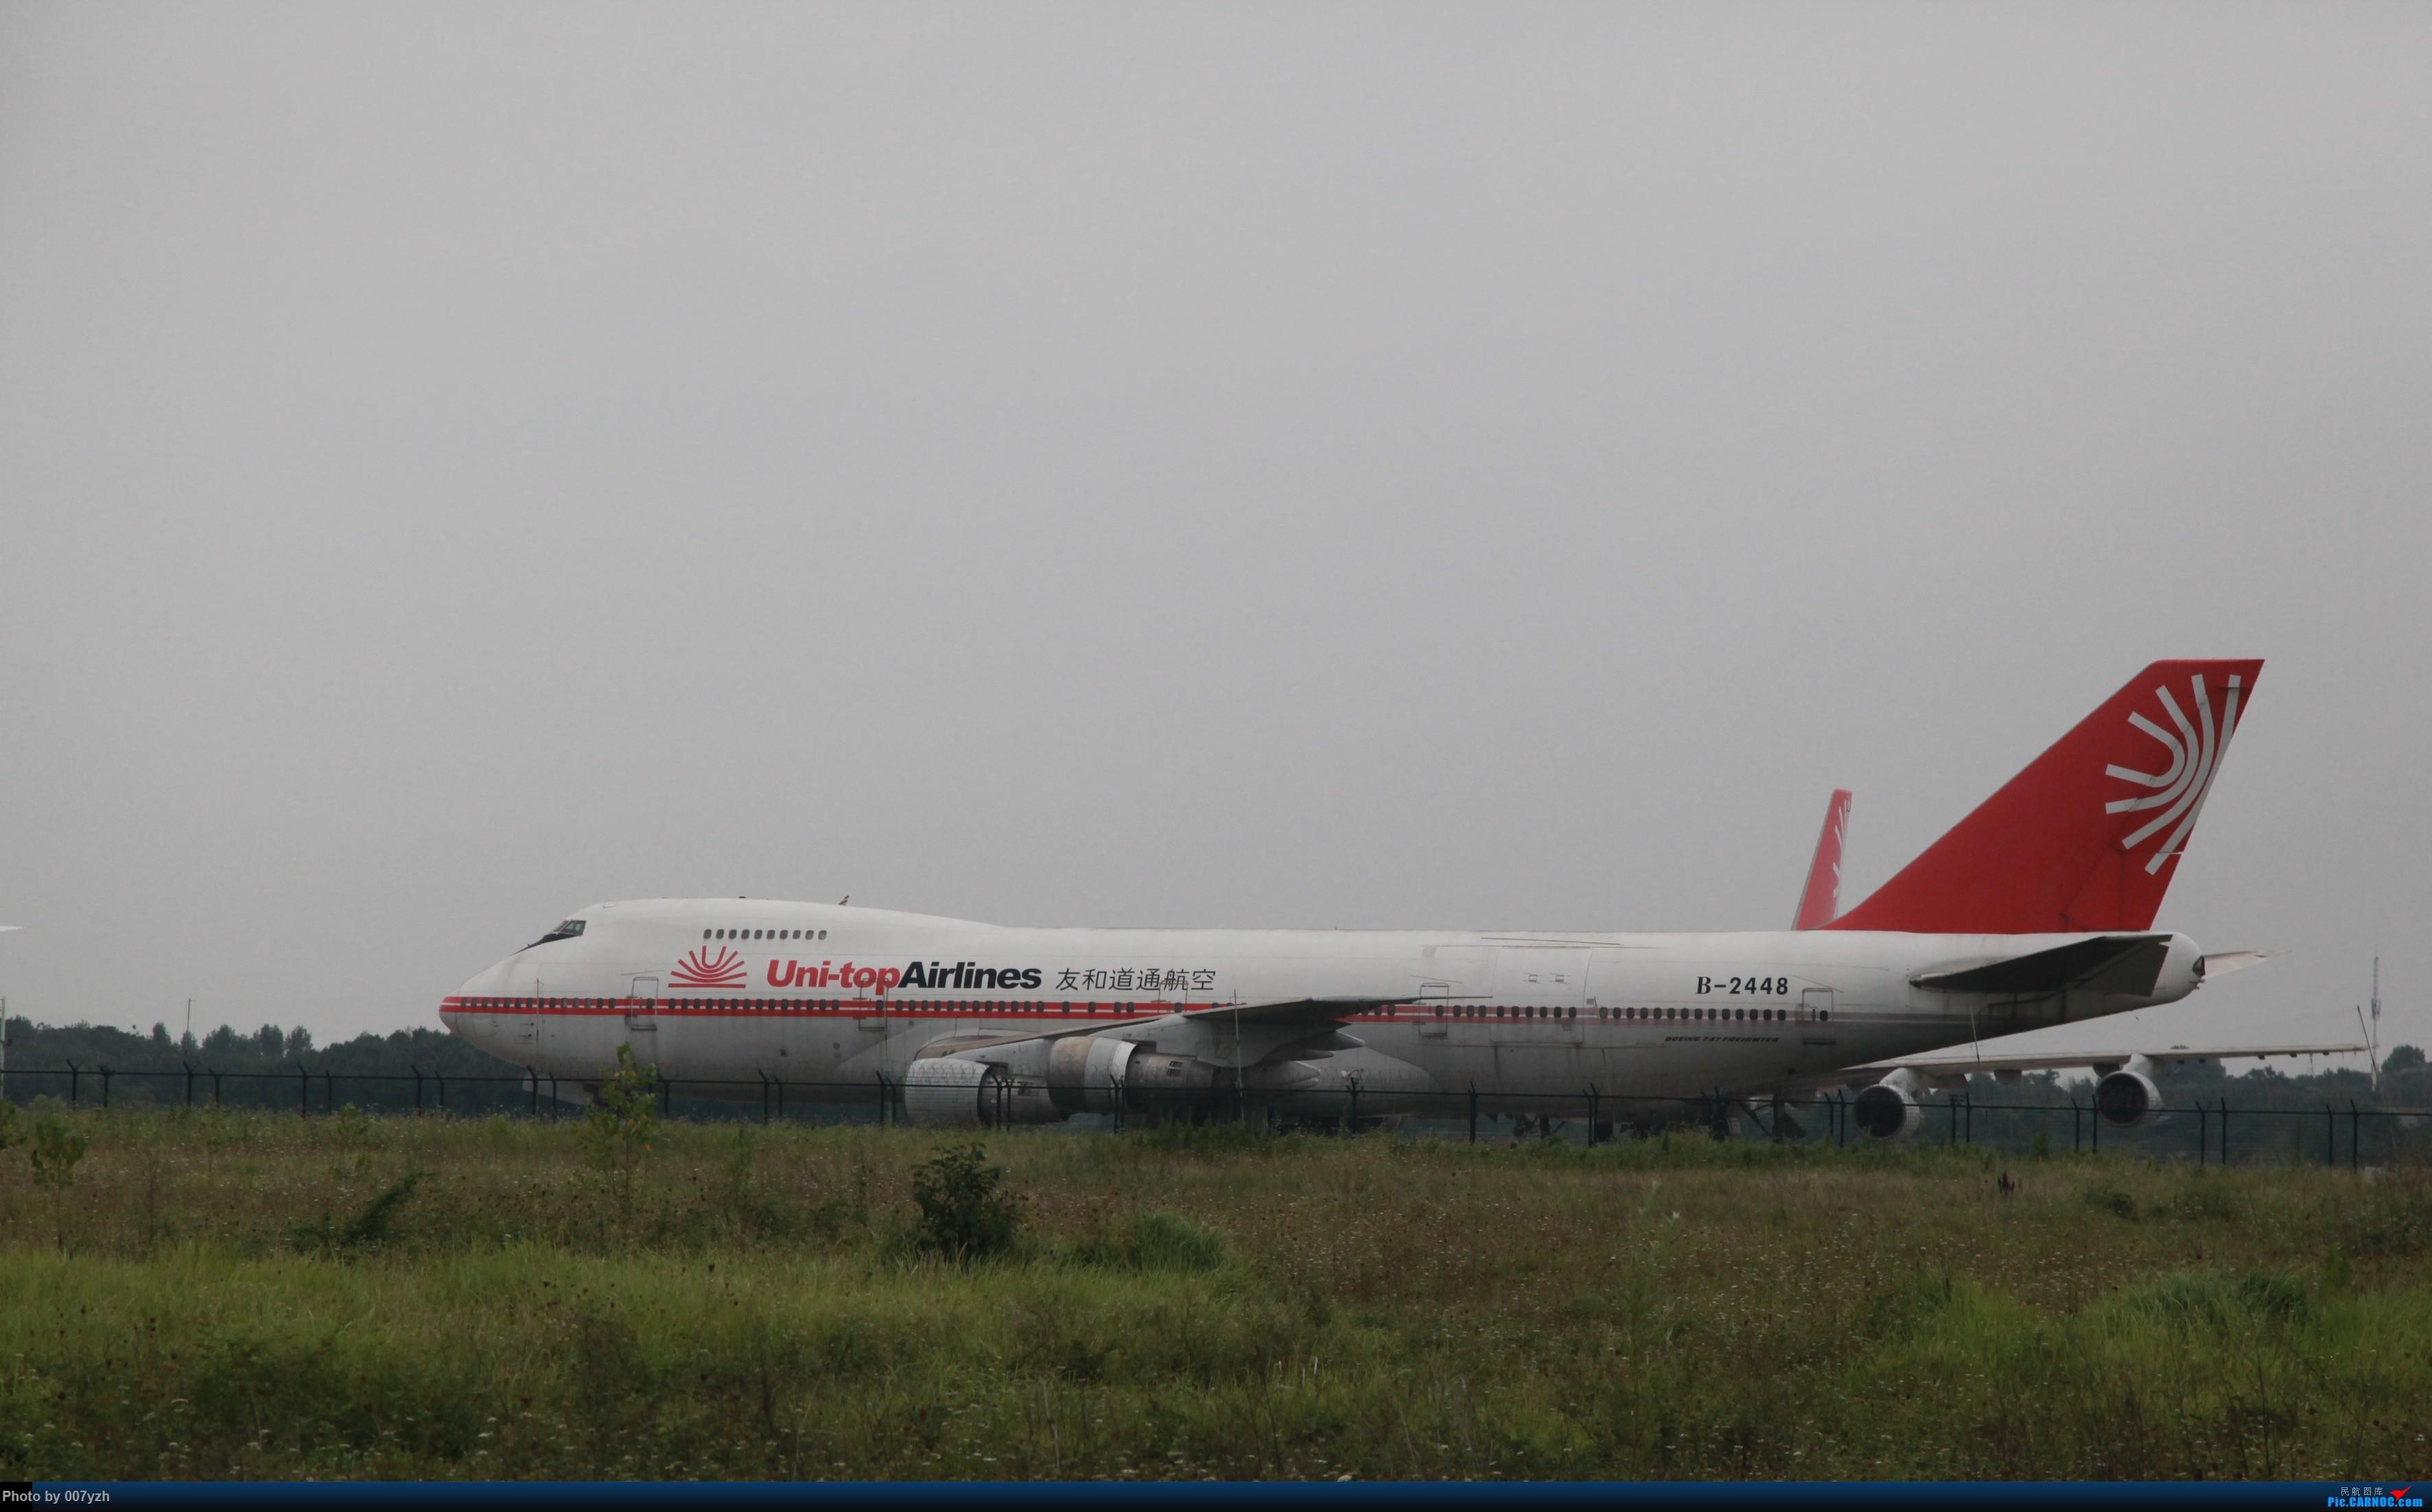 Re:[原创]7月5号WUH拍机,又是一个水泥天~ BOEING 747-200 B-2448 中国武汉天河国际机场